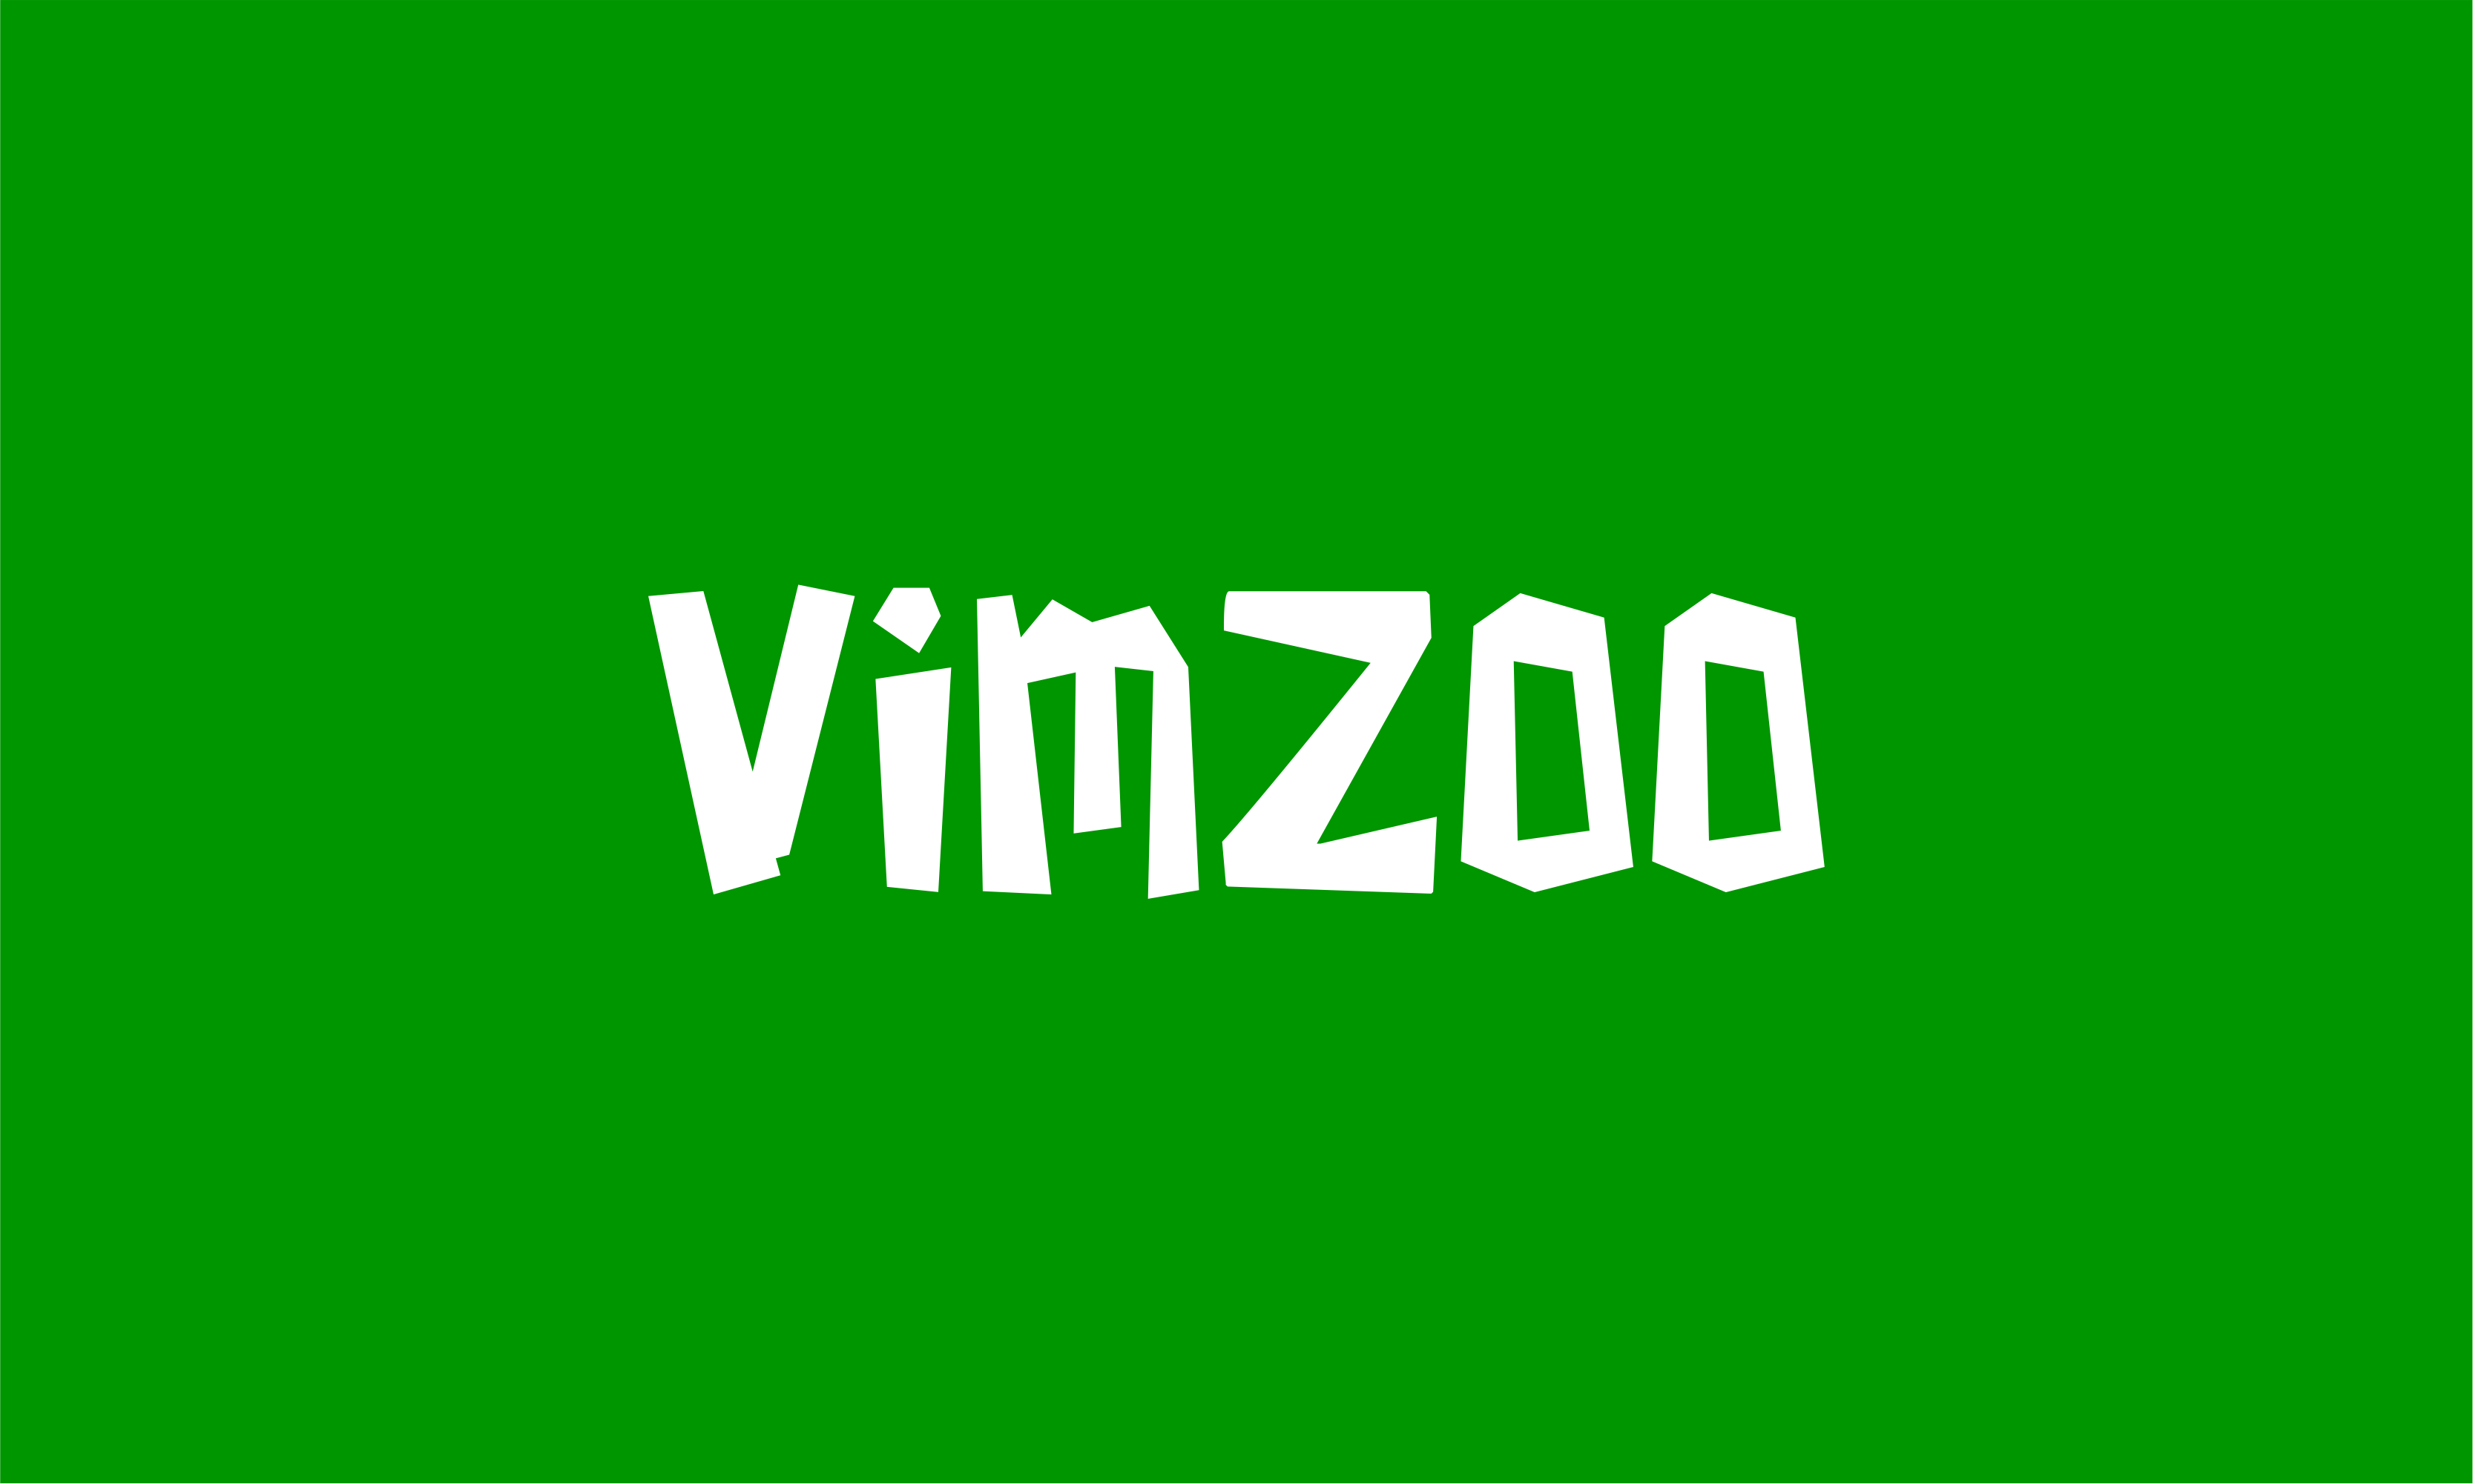 Vimzoo